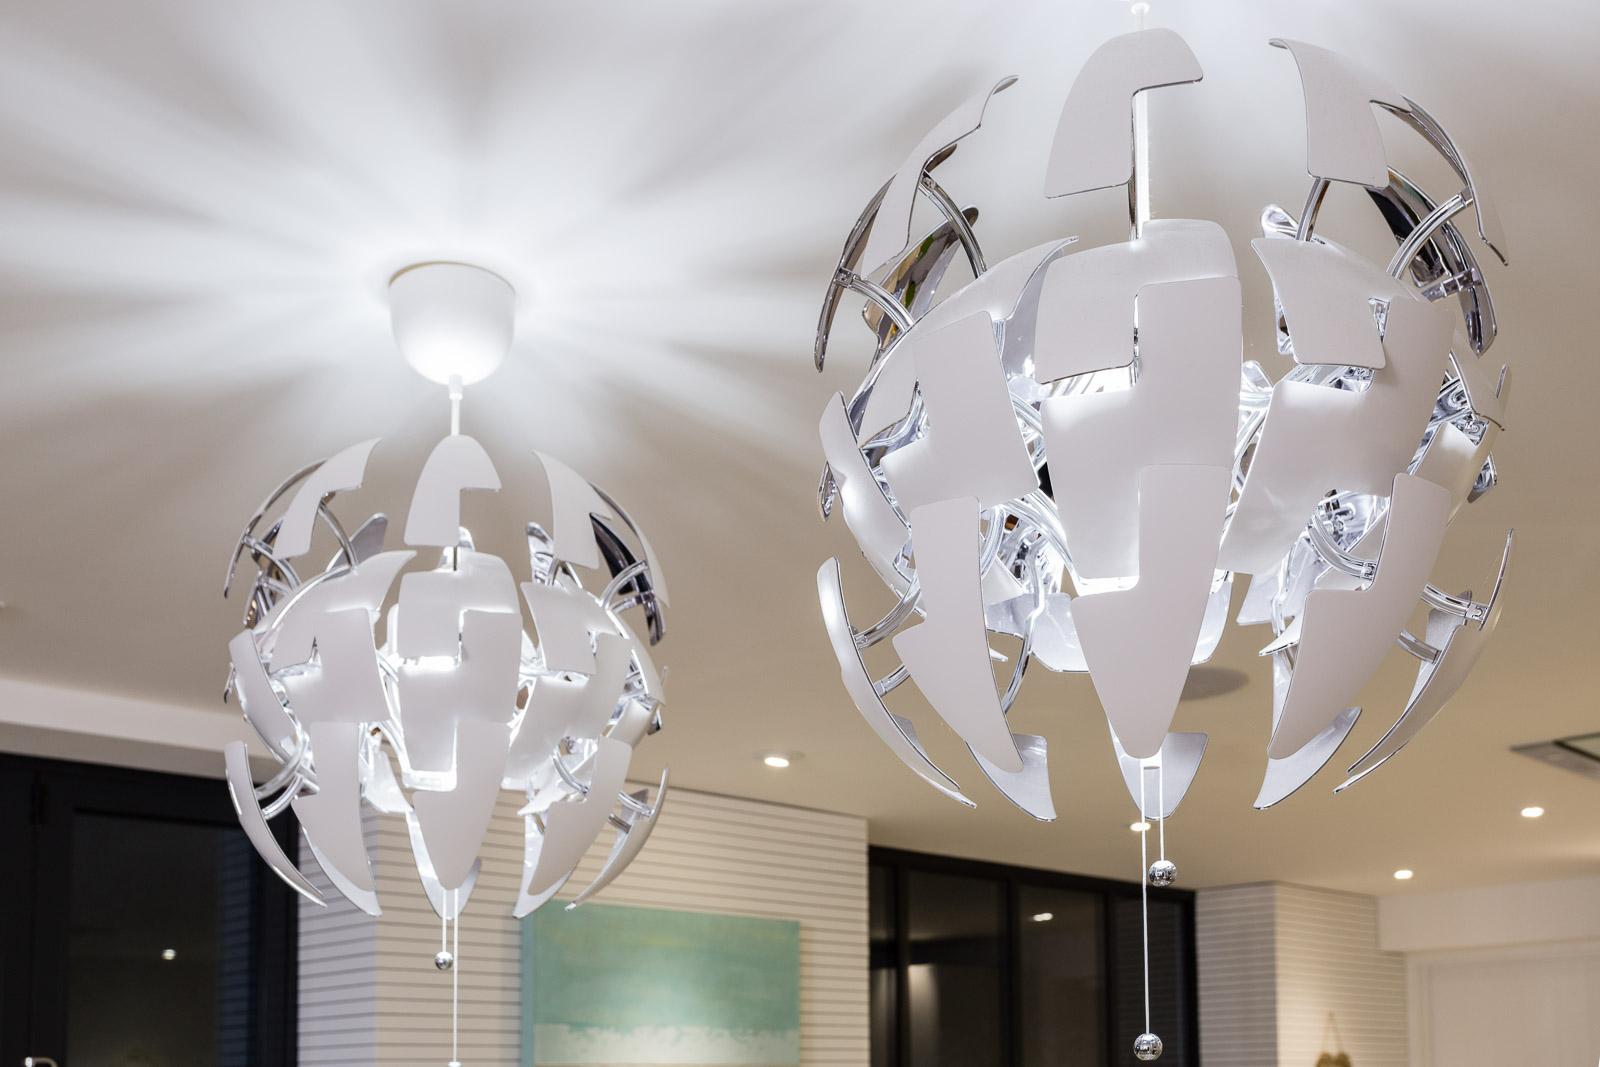 feature star wars lampshades in modern kitchen